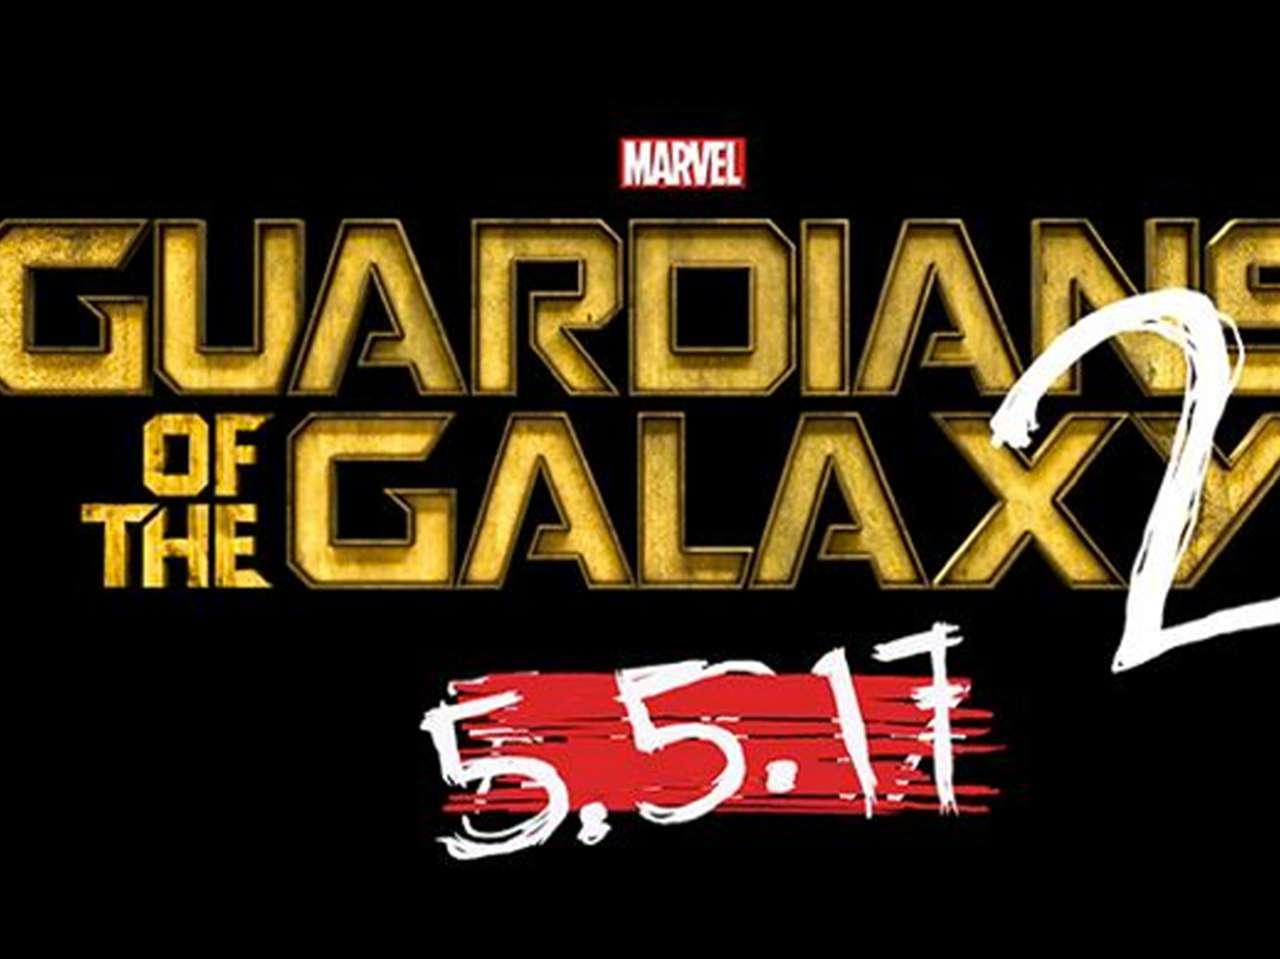 'Guardians of the Galaxy' se estrenará el 5 de mayo de 2017. Foto: Marvel Studios